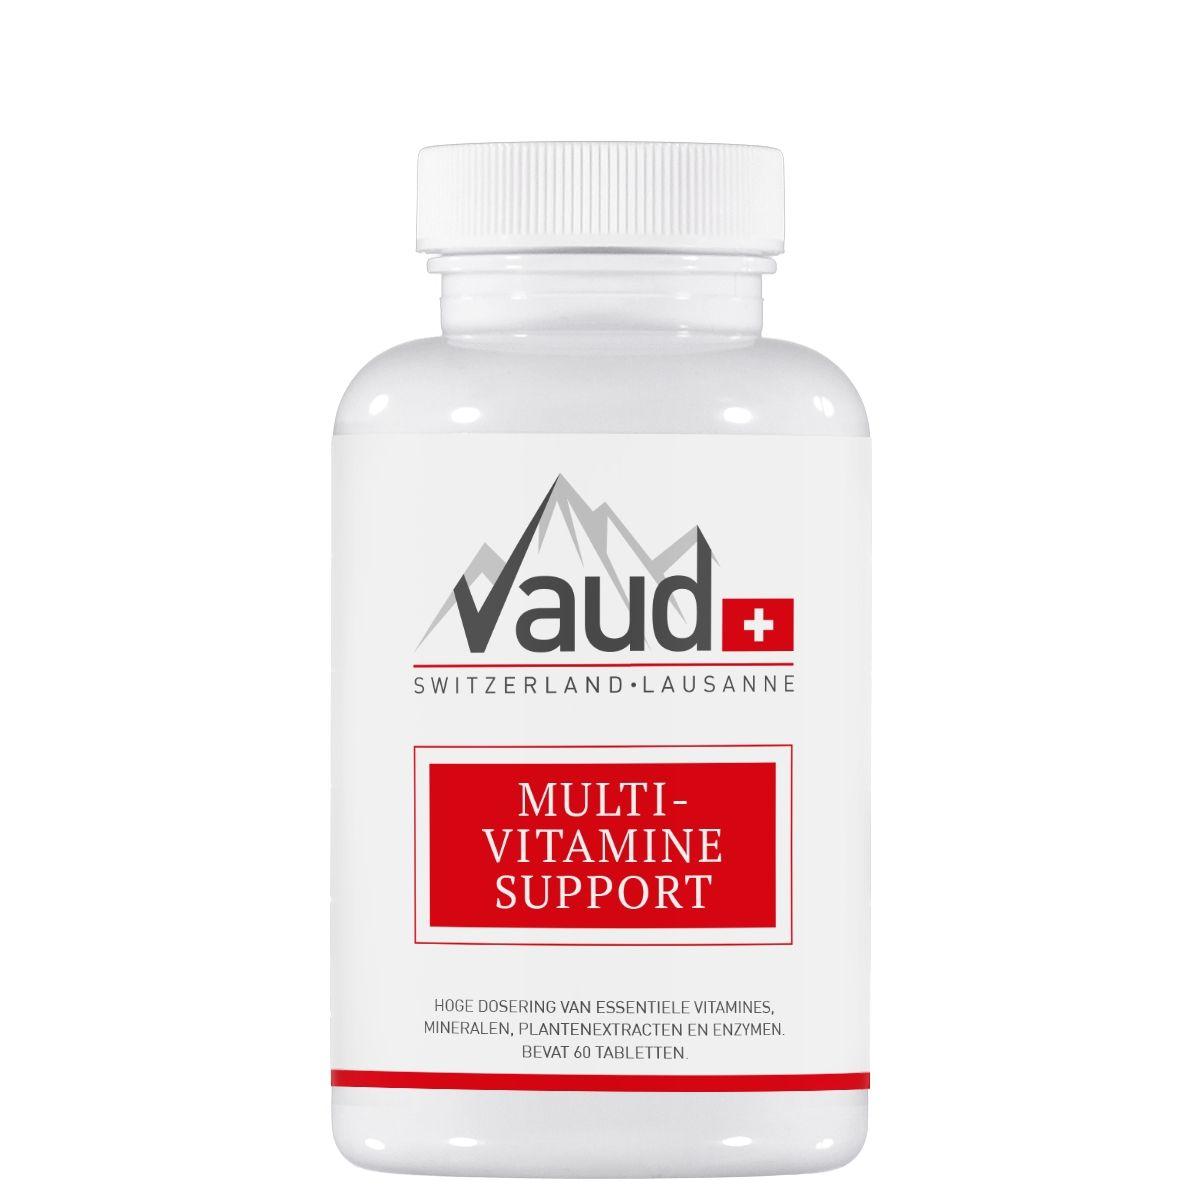 Multi-vitamine support